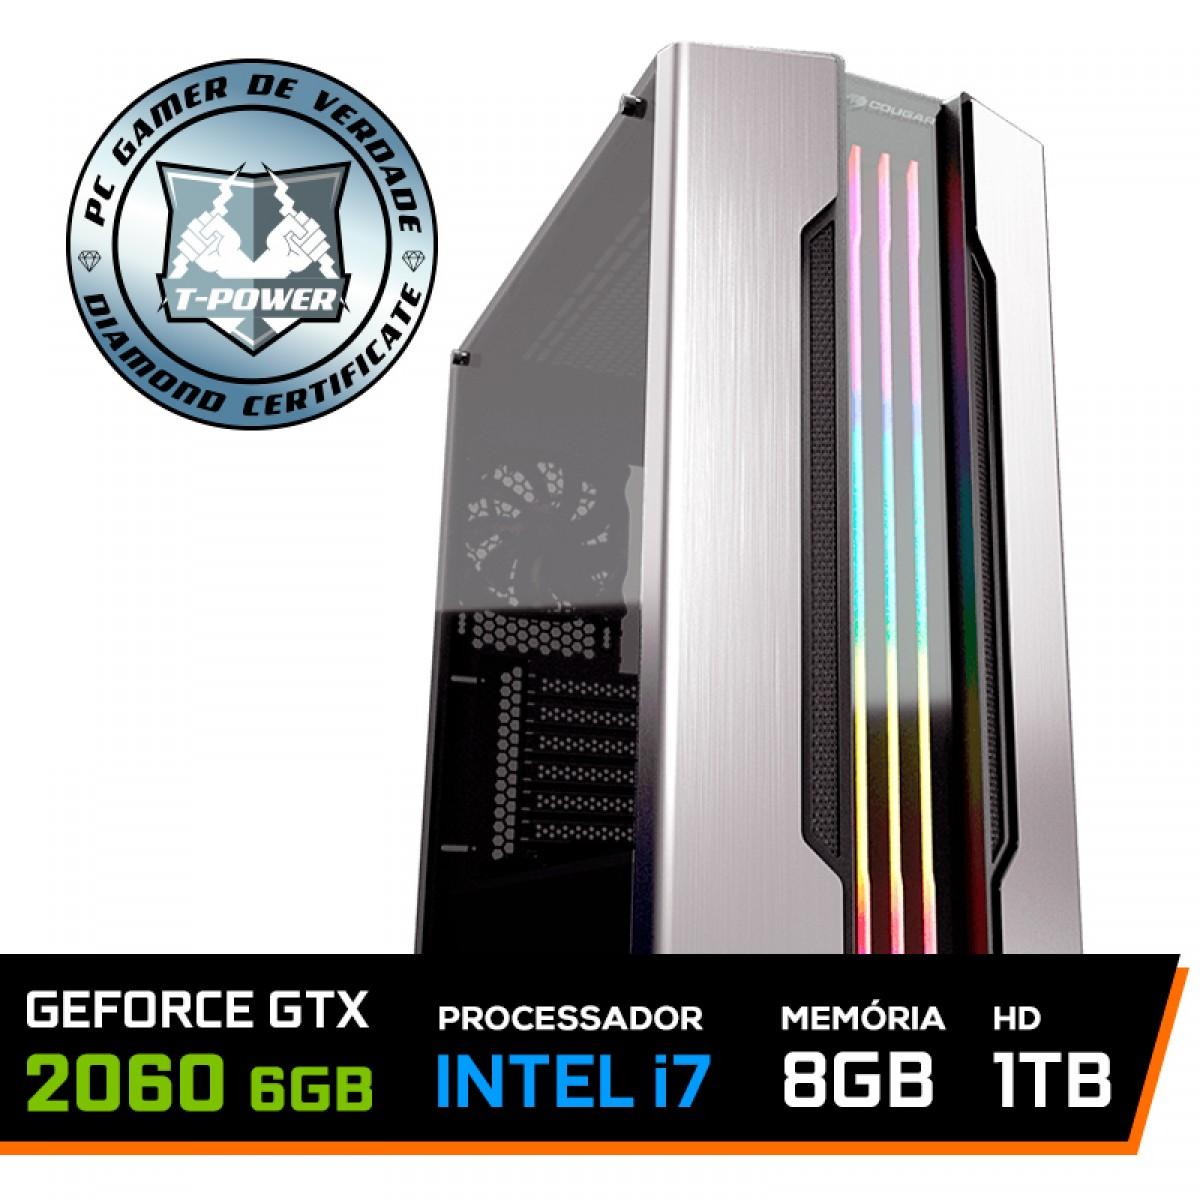 PC Gamer T-Power Edition Intel I7 8700K / Geforce RTX 2060 6GB / DDR4 8GB / HD 1TB / 600W